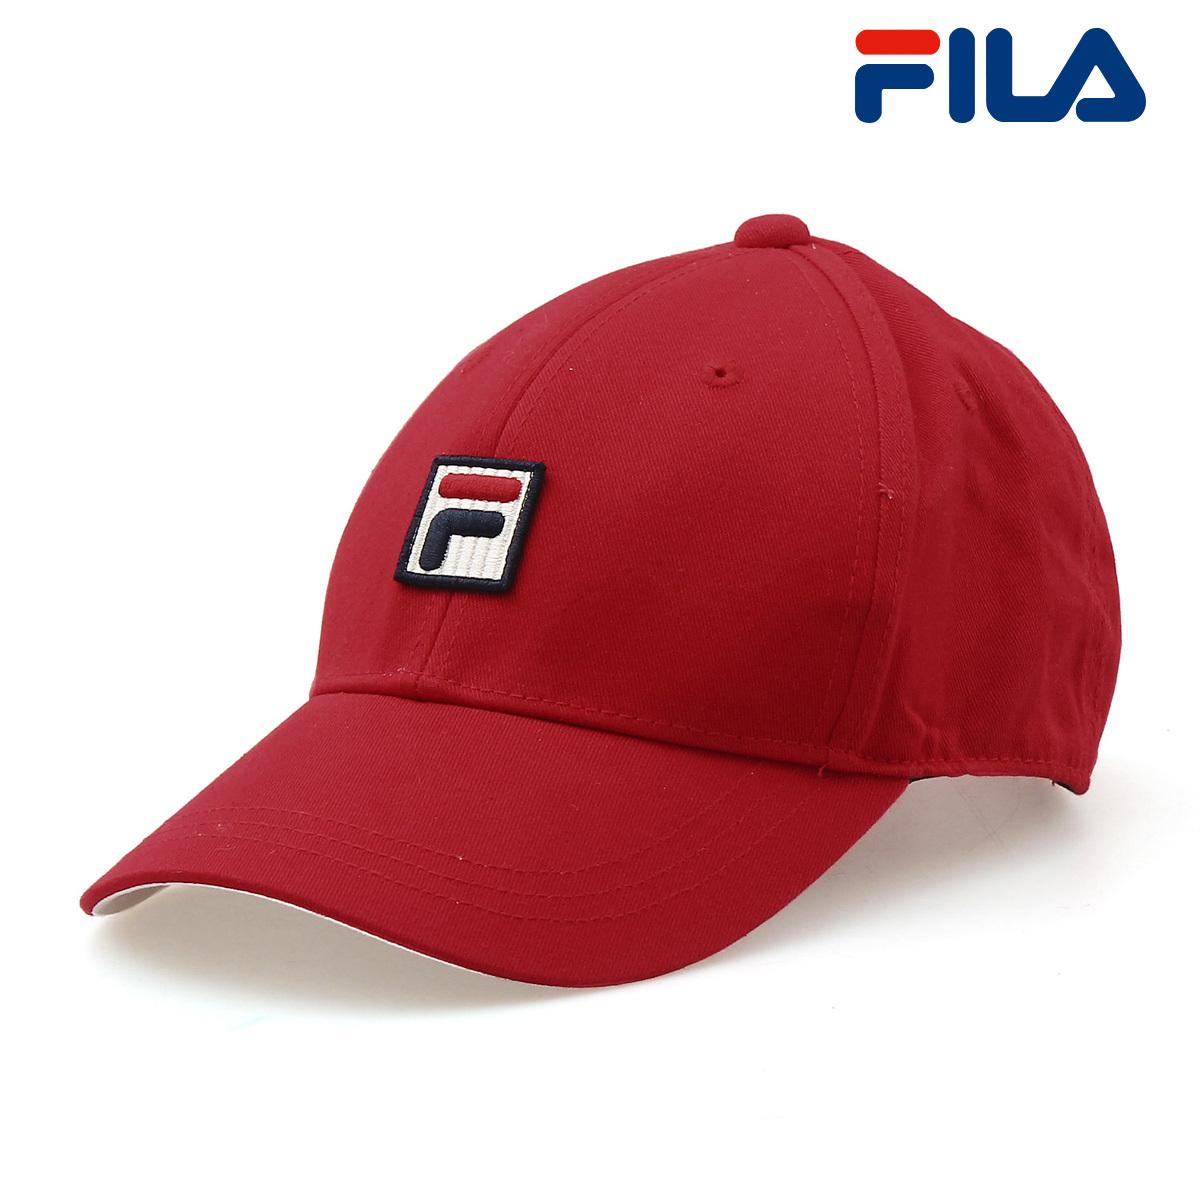 Аксессуары для активного отдыха Fila 20943261/C07 20943261-C07 Fila / Fila